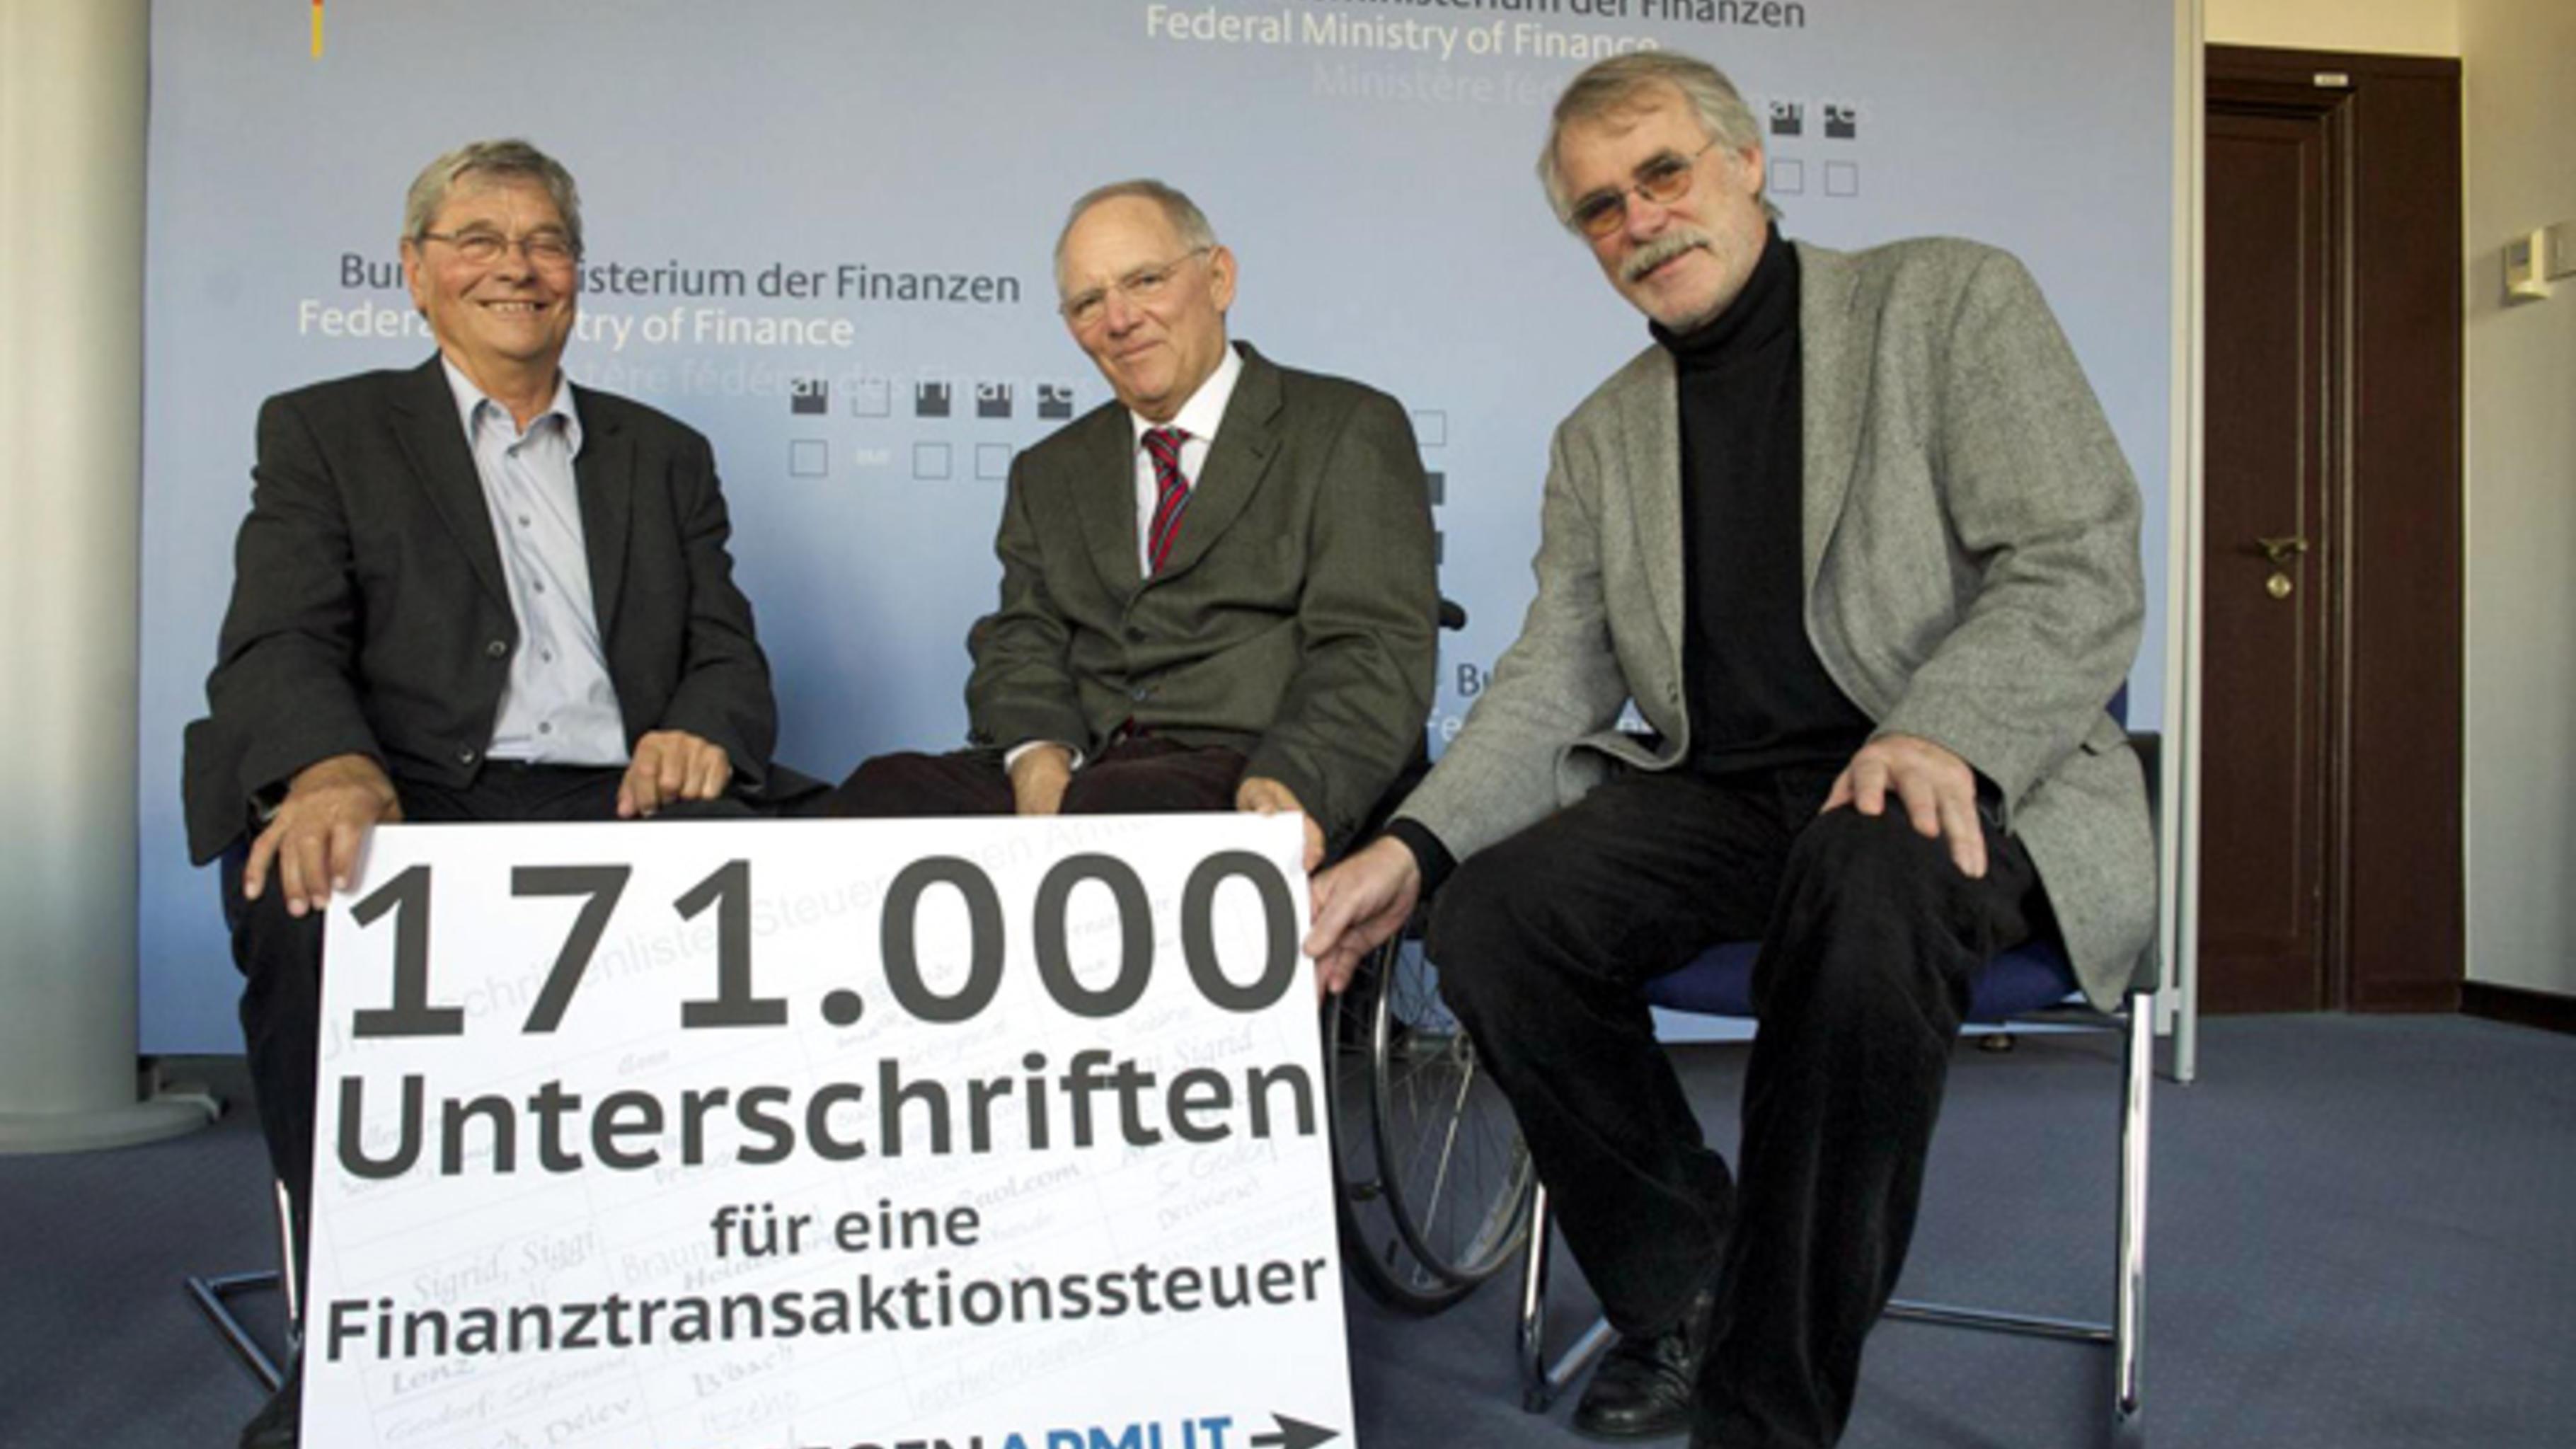 Symbolisch für 171.000 gesammelte Unterschriften überreichten Paul Bendix und De